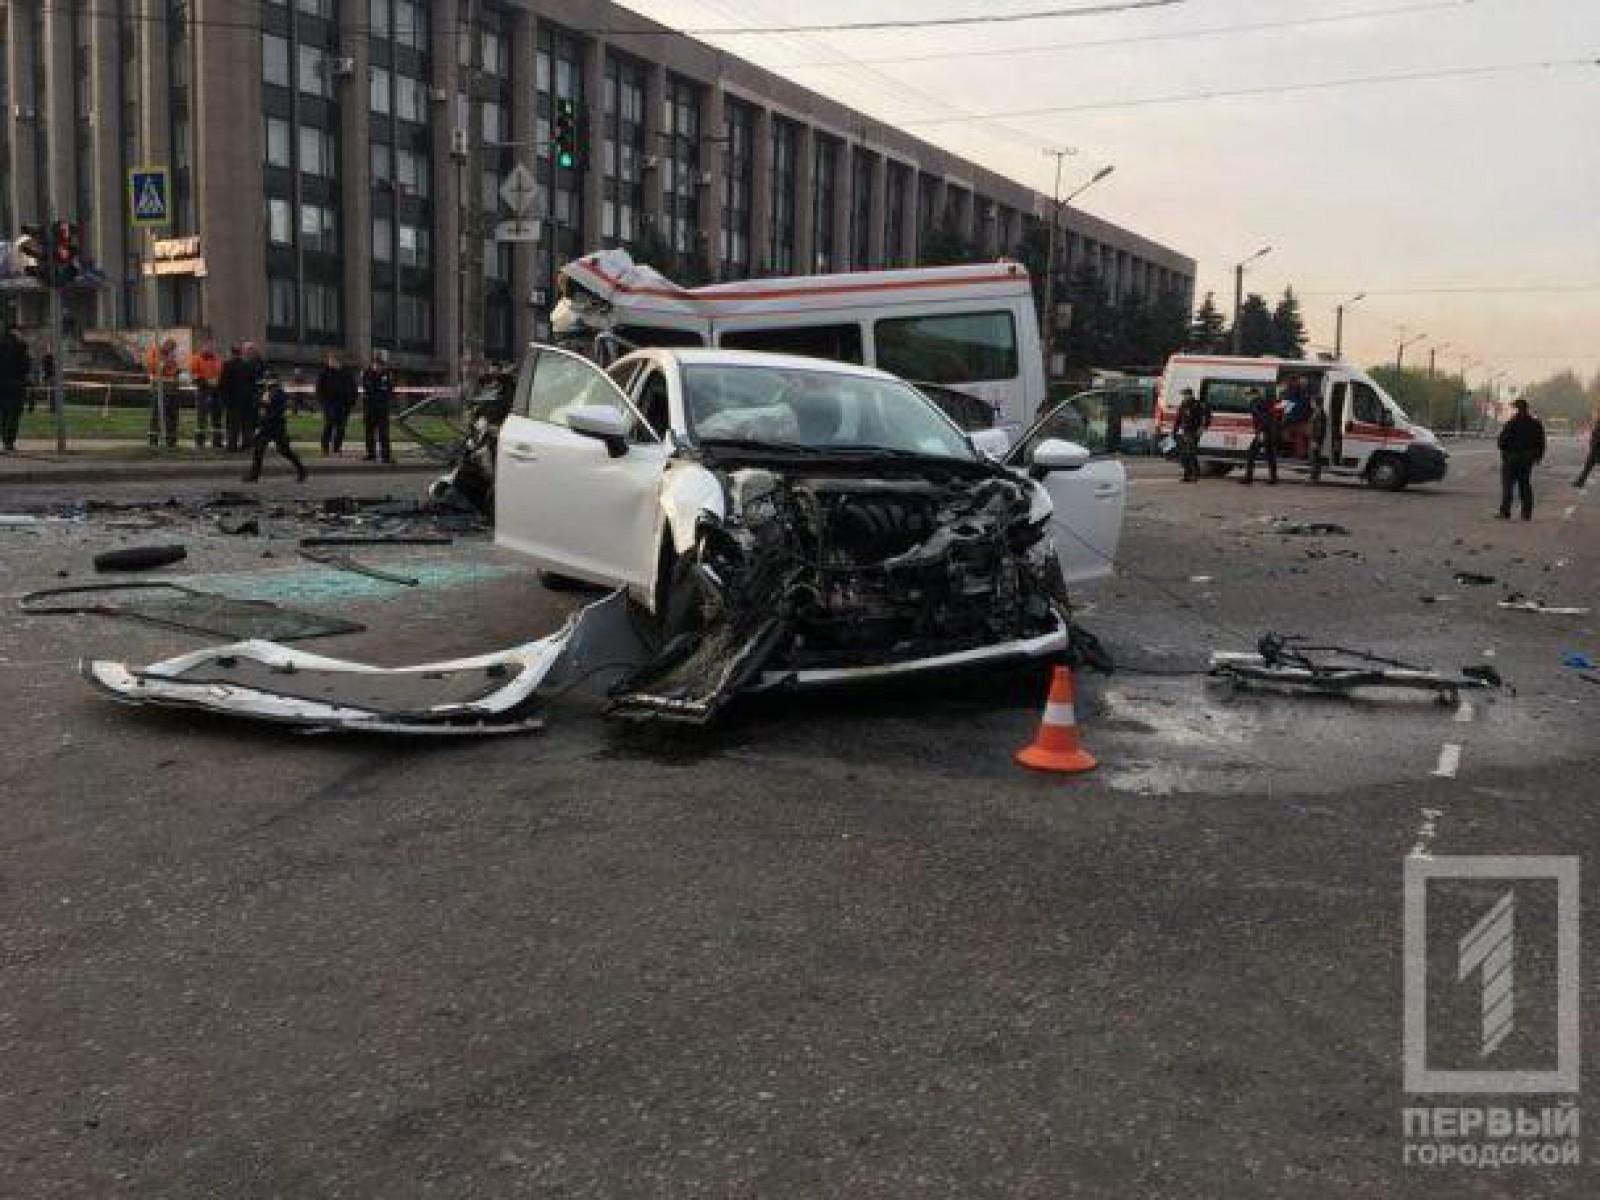 (foto/video) Tragic accident rutier în Ucraina: Opt oameni au decedat, iar alți 20 au fost răniți